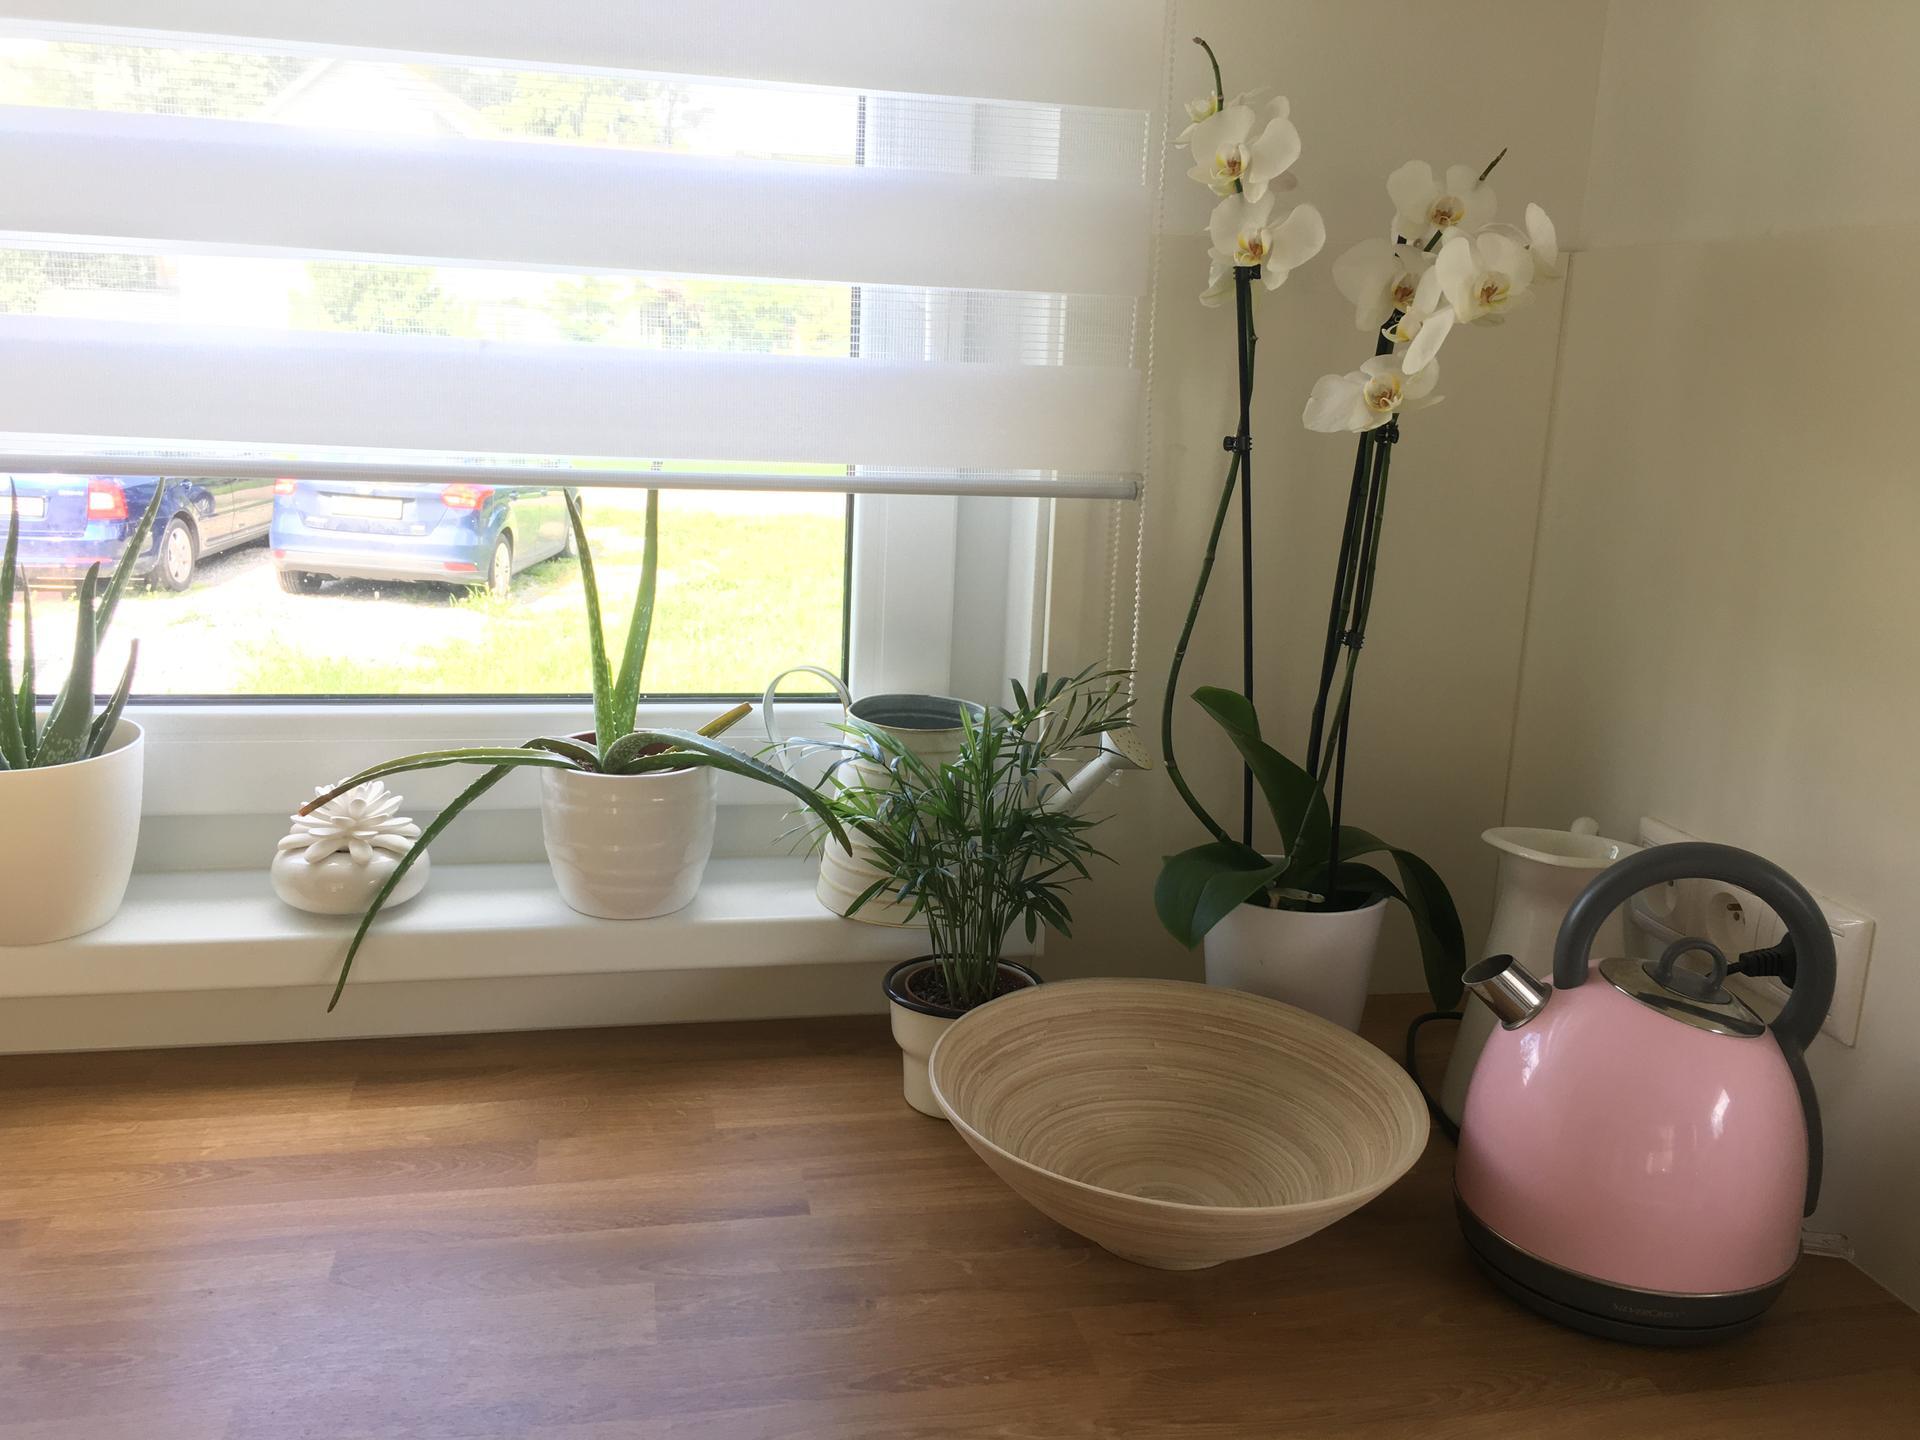 Naše kuchyň 2020 - Nový přírůstek orchidejka